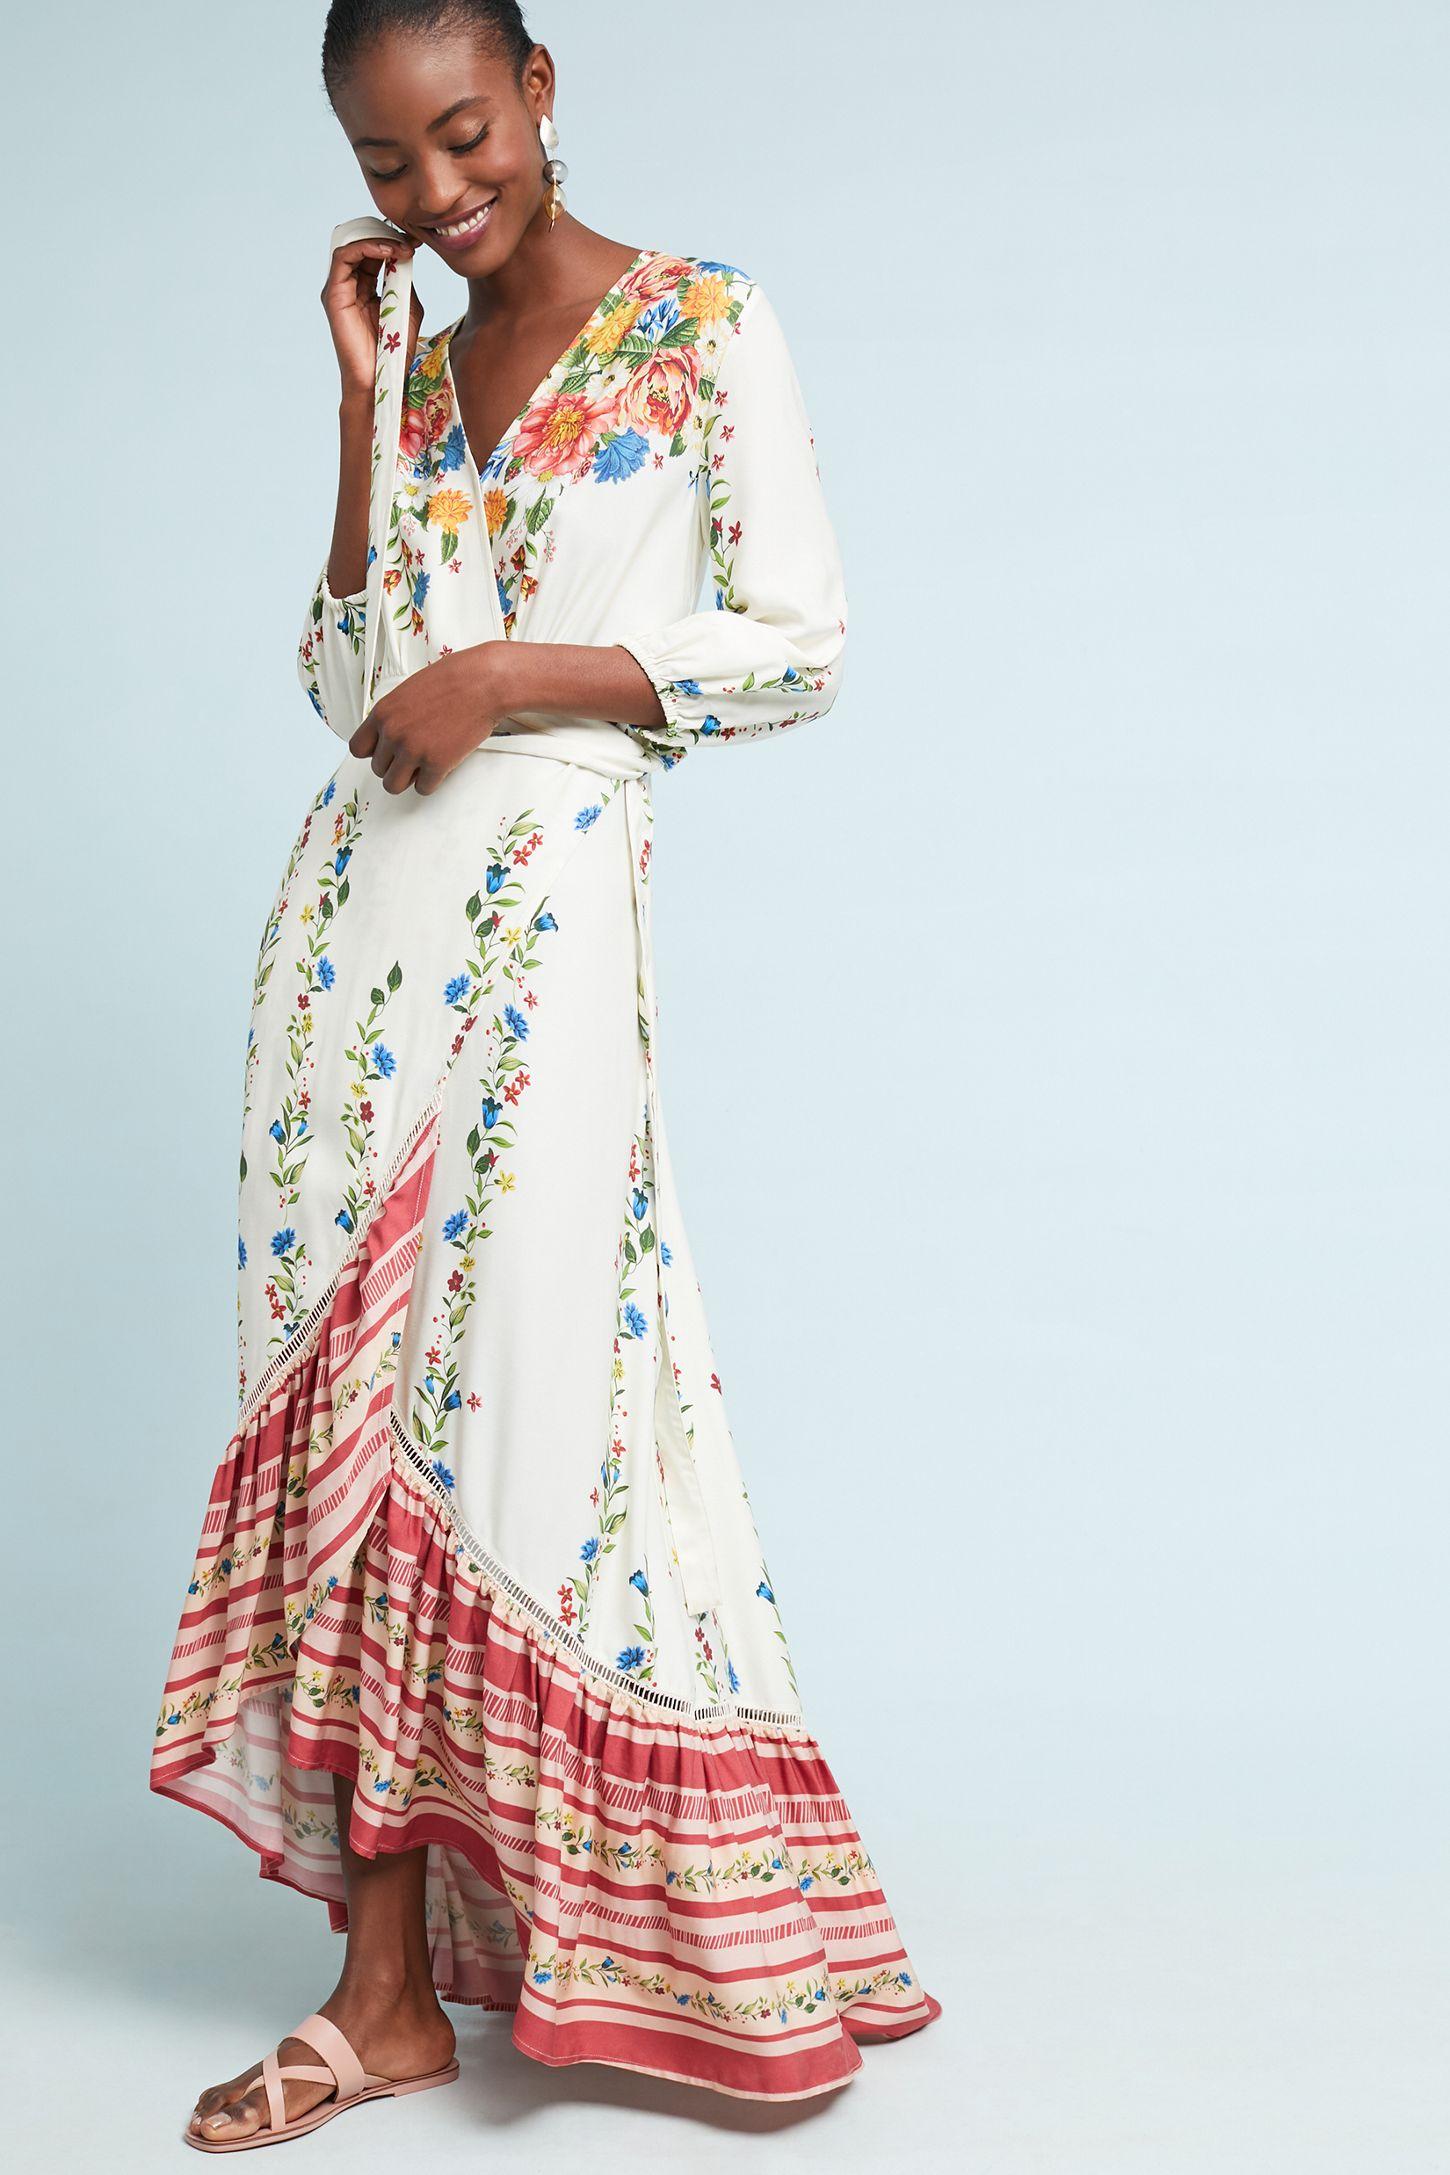 761f8eaa28bba Farm Rio Springtime Wrap Dress | Anthropologie